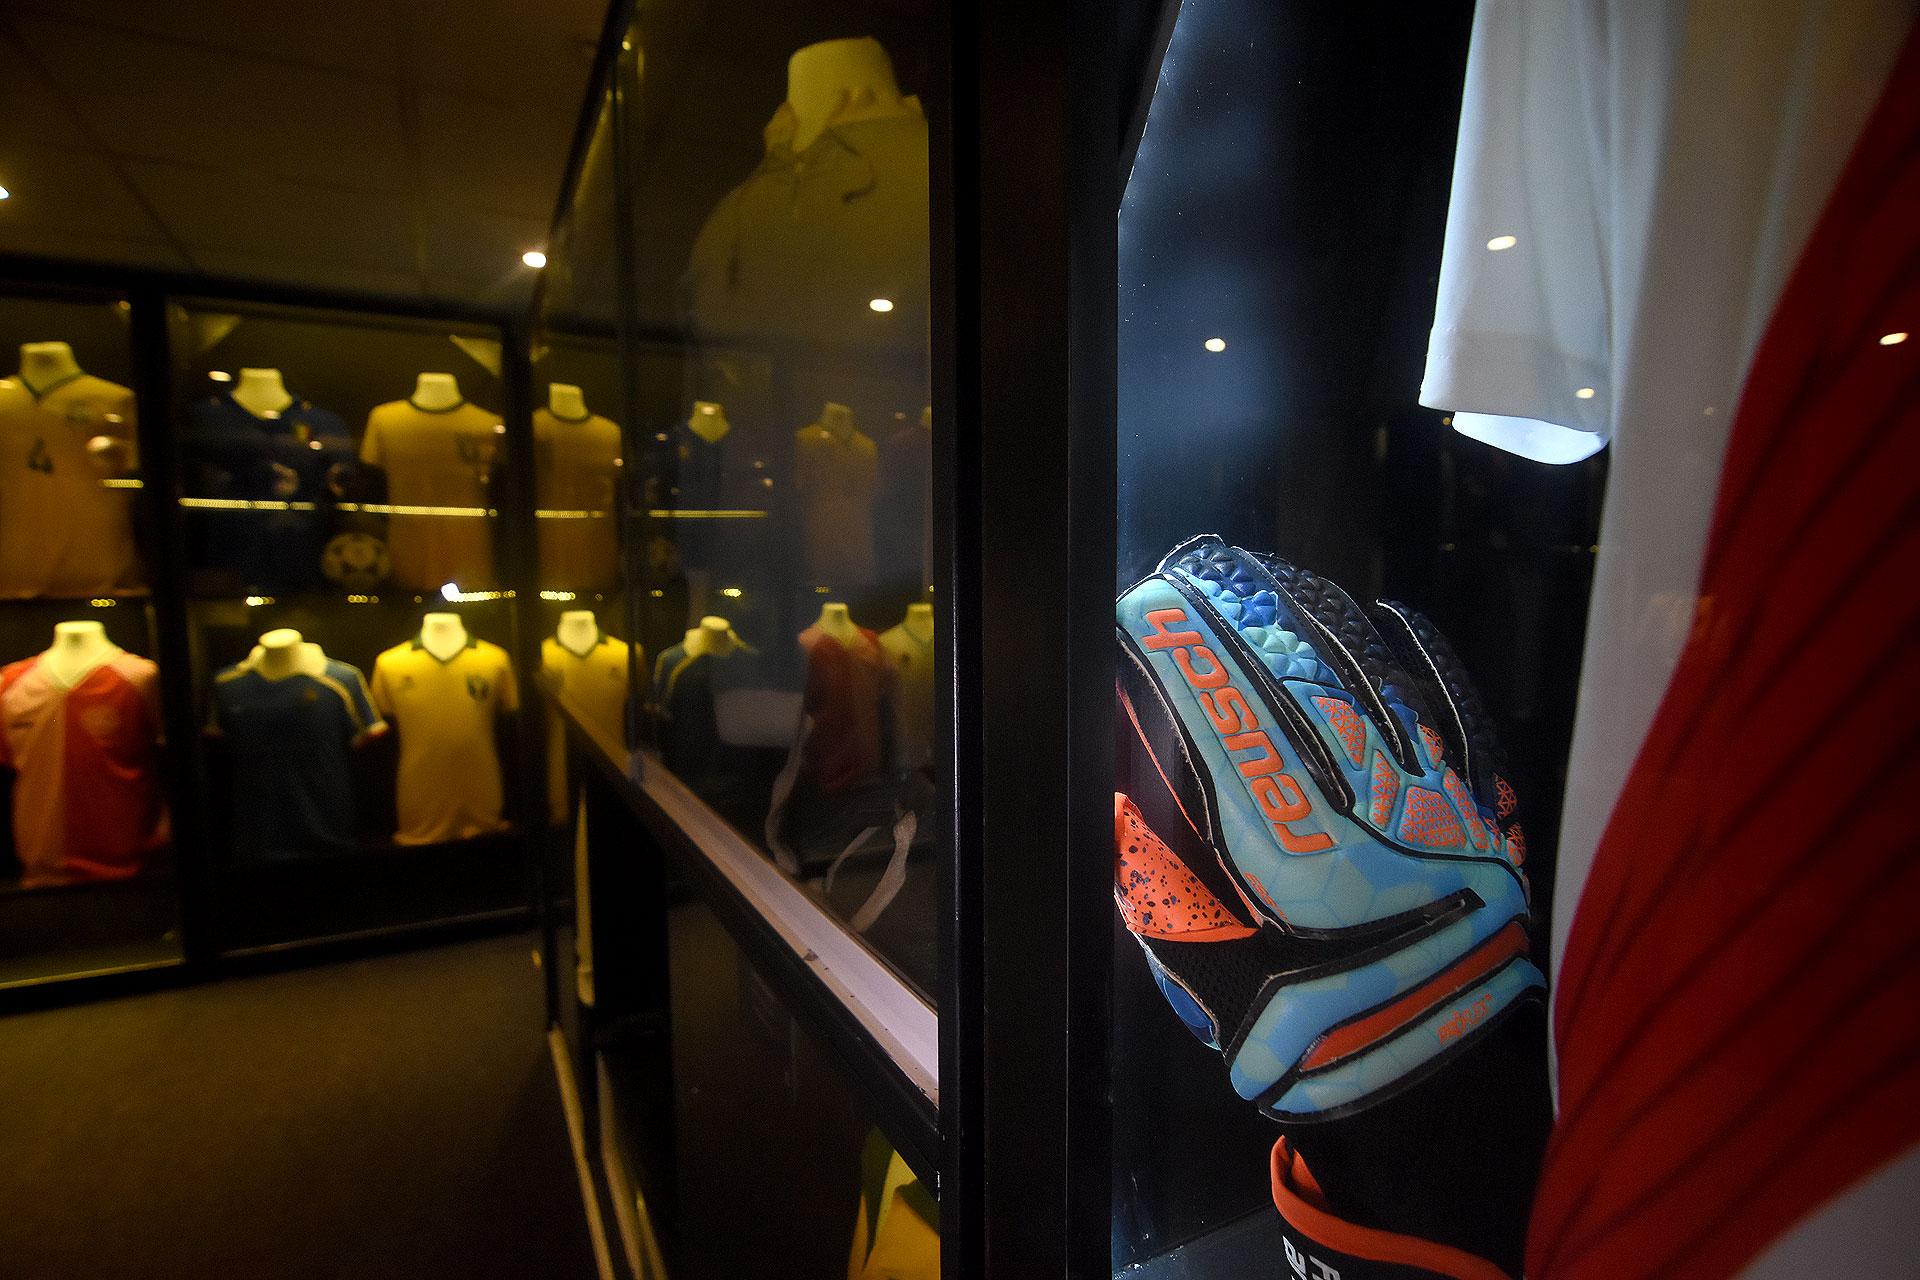 Uno de los pares de guantes que se puso Franco Armani contra Gremio de Brasil durante las semifinales de la Copa Libertadores 2018 (Nicolas Stulberg)